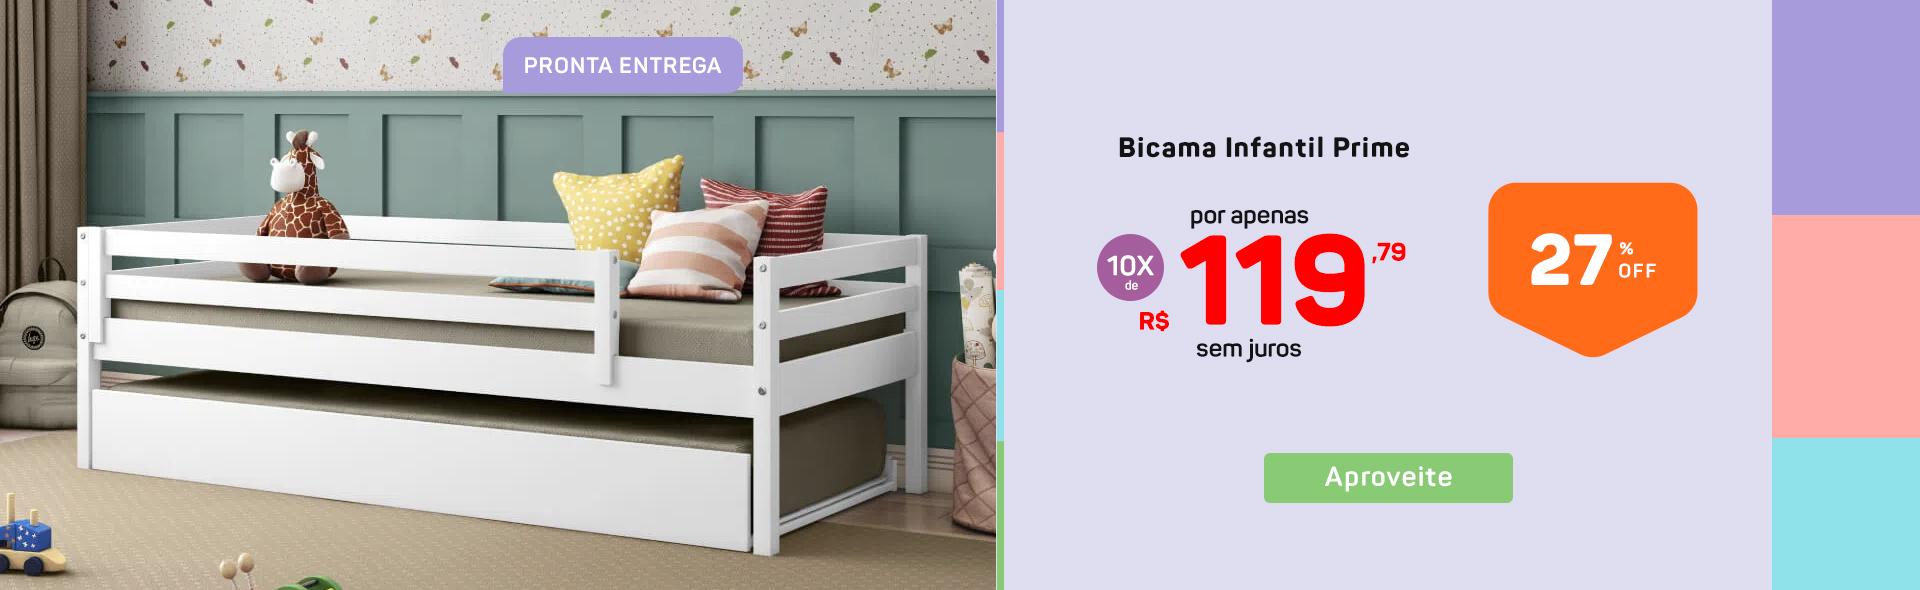 04-Bicama Prime